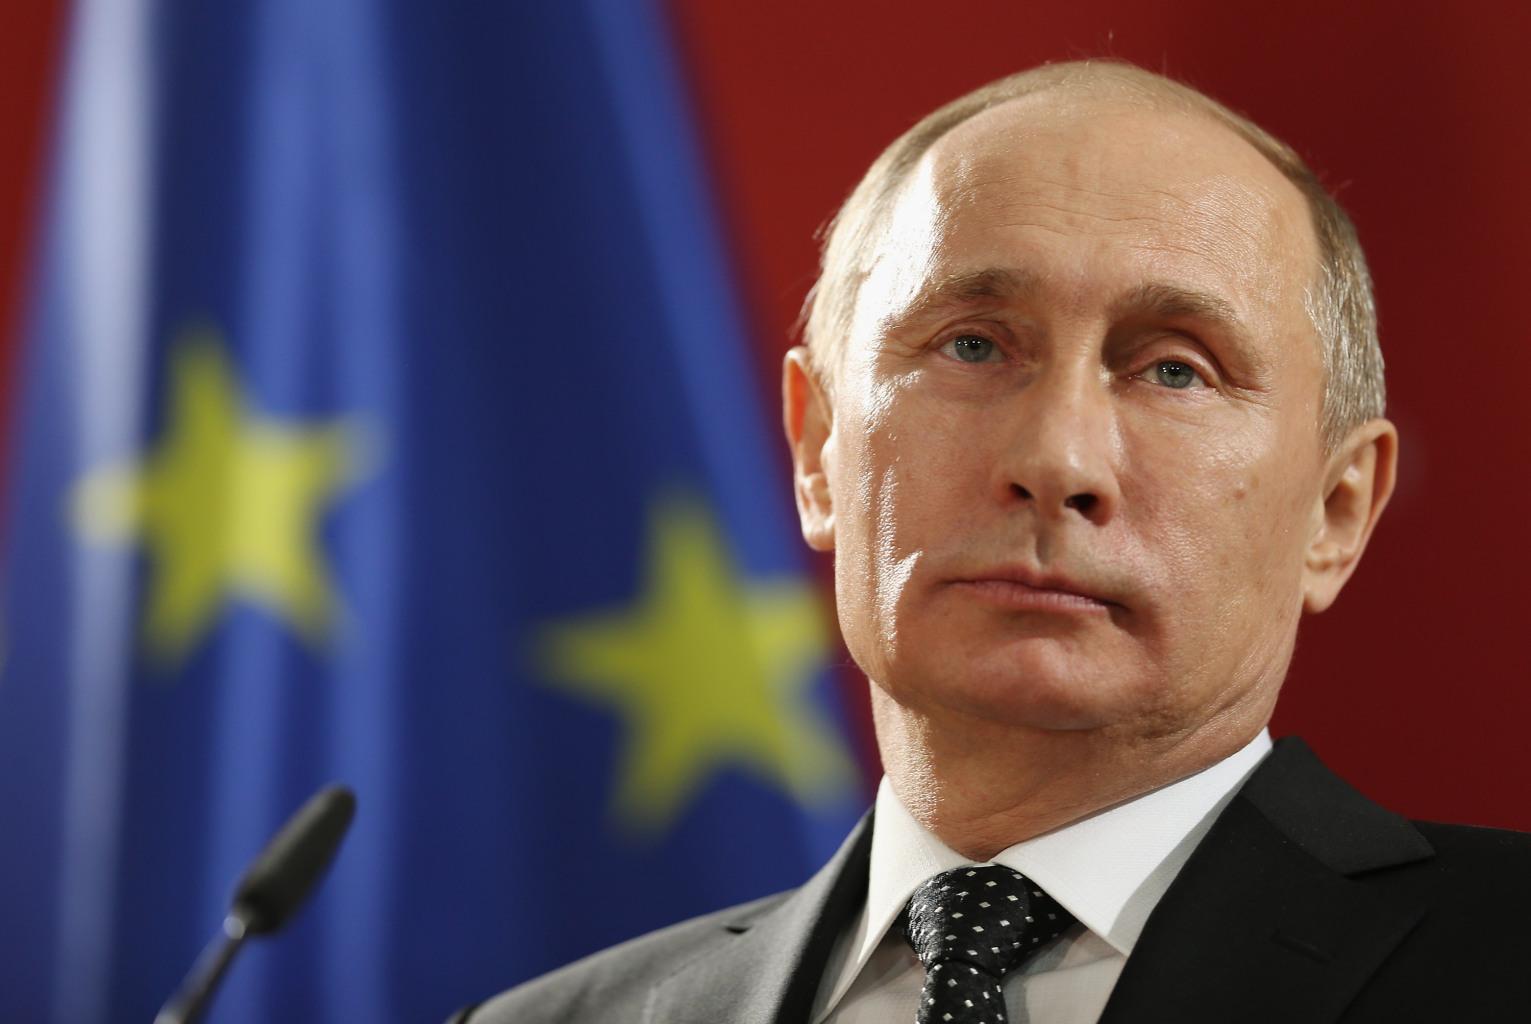 În-plină-campanie-electorală-liderul-de-la-Kremlin-Vladimir-Putin-a-intensificat-procesul-de-militarizare-a-Federației-Ruse.